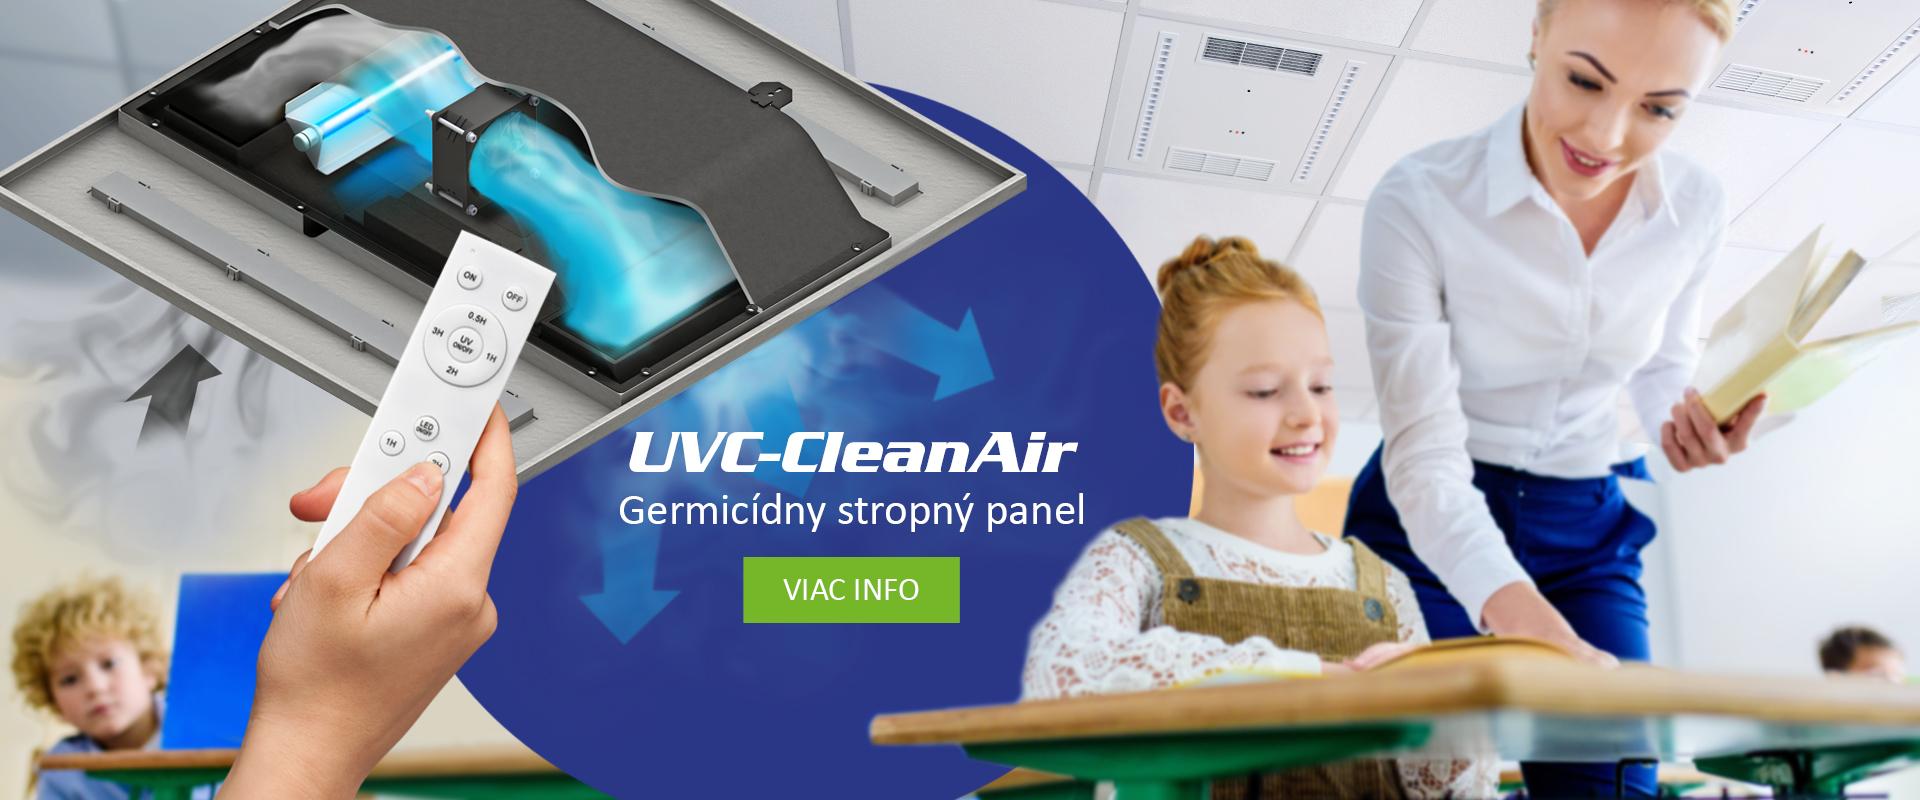 UVC-CleanAir; stropný germicídny čistič vzduchu